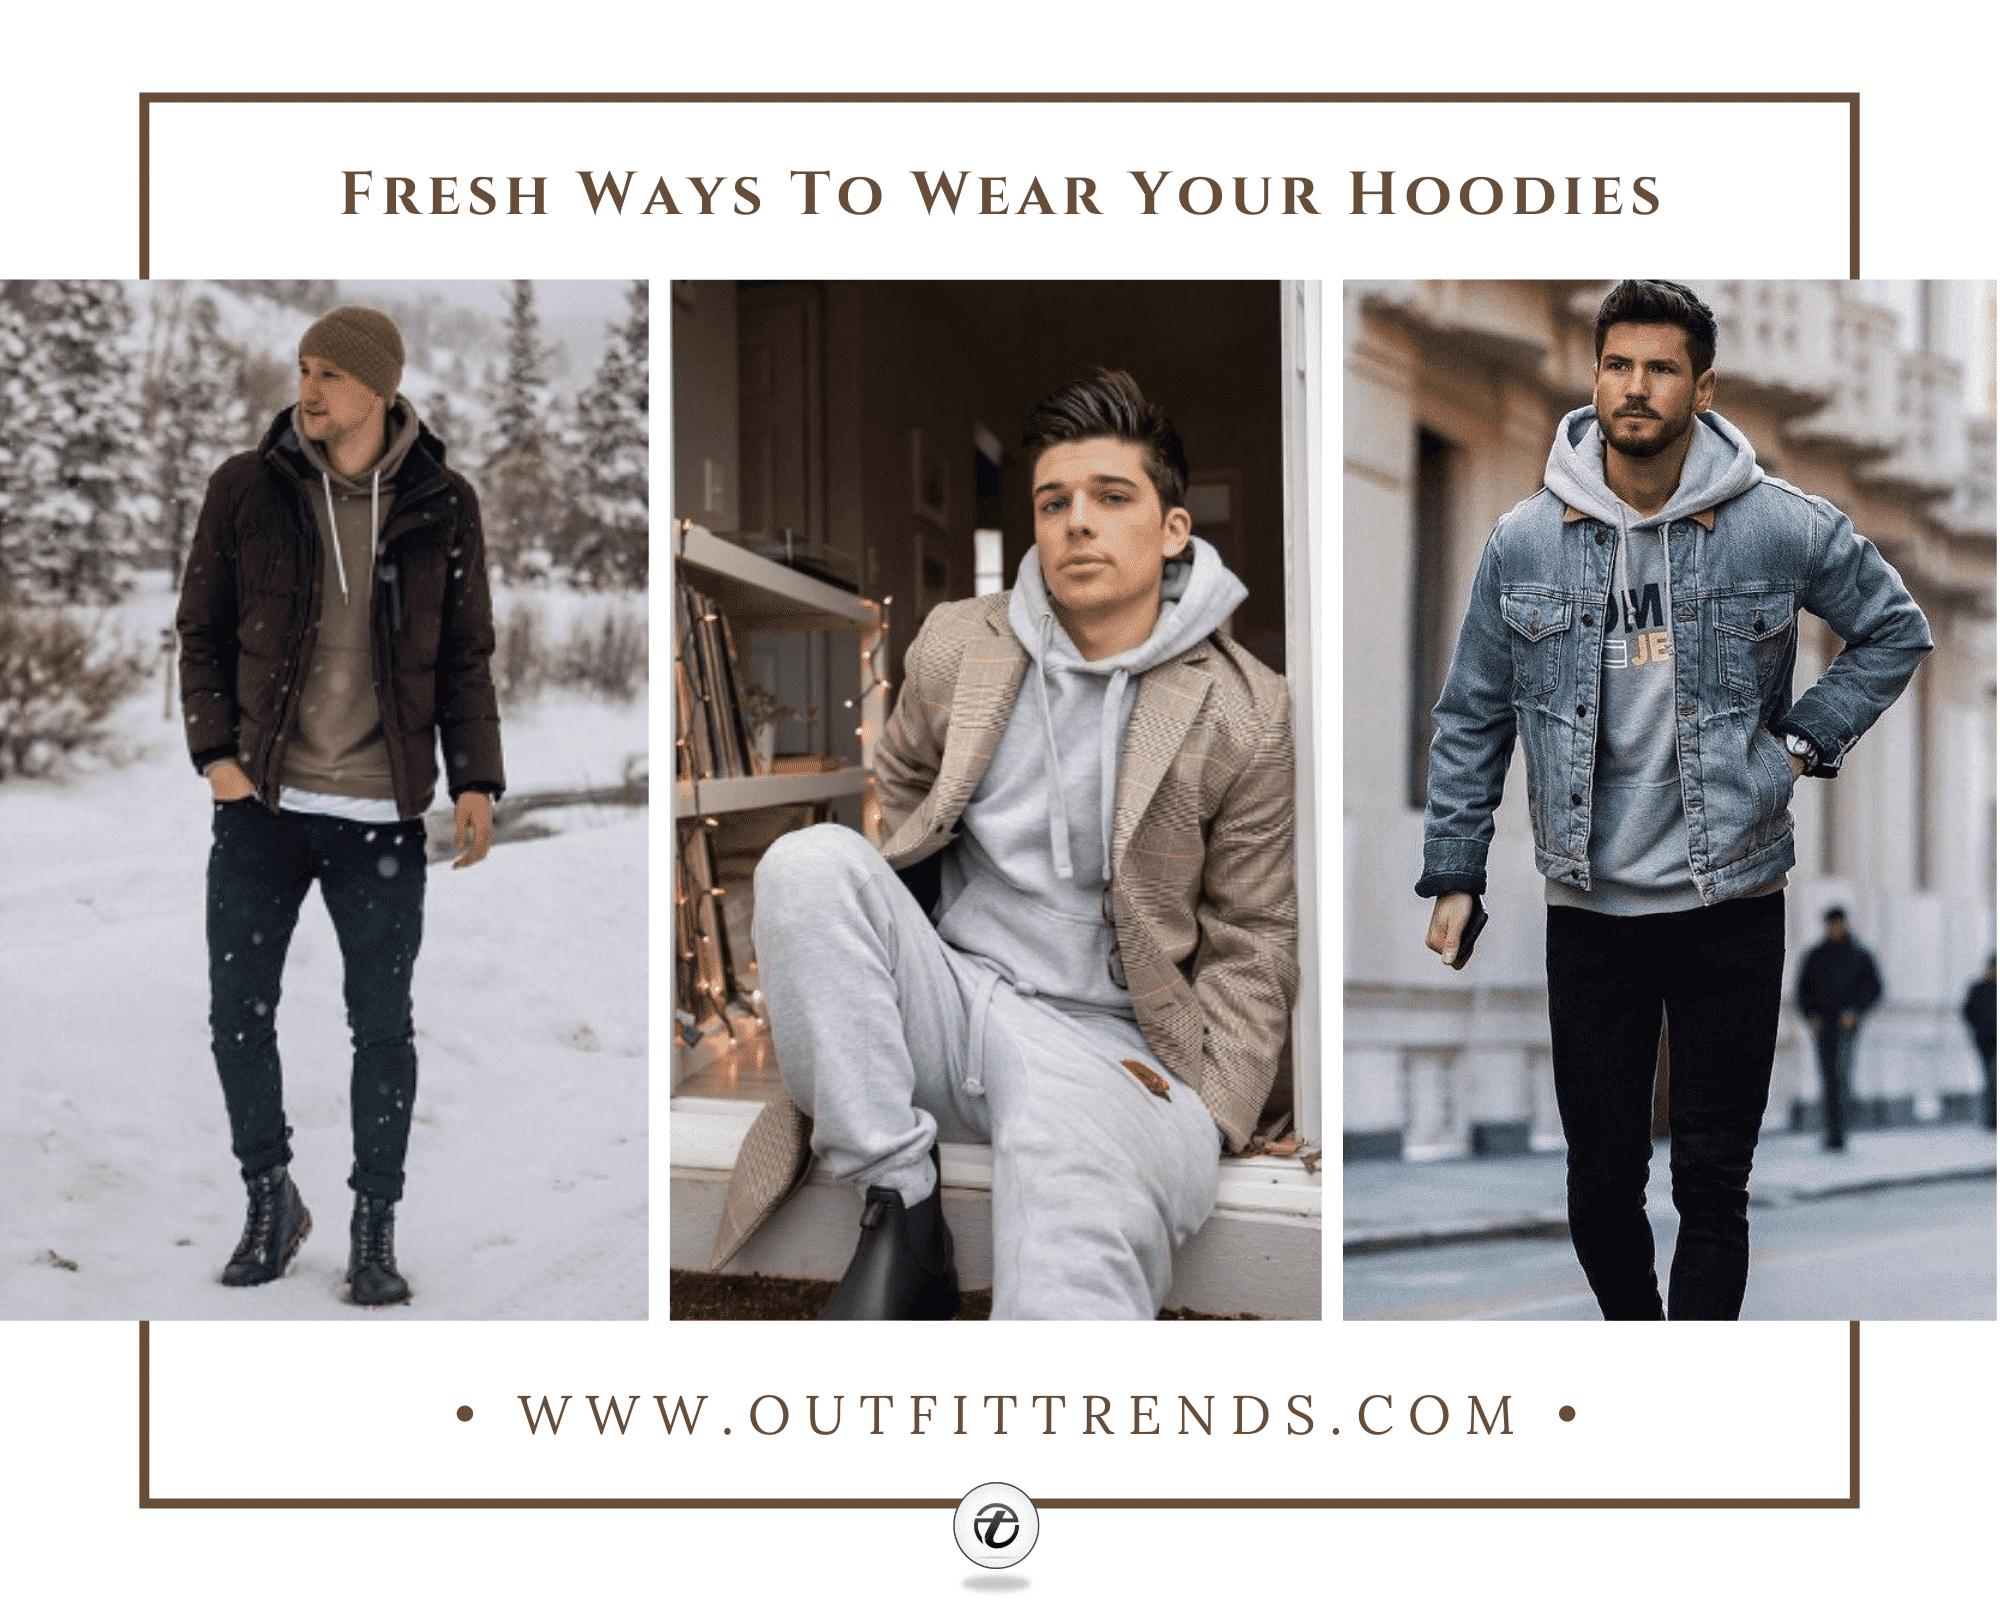 Men Hoodie Outfits – 40+ Ways to Wear a Hoodie Stylishly